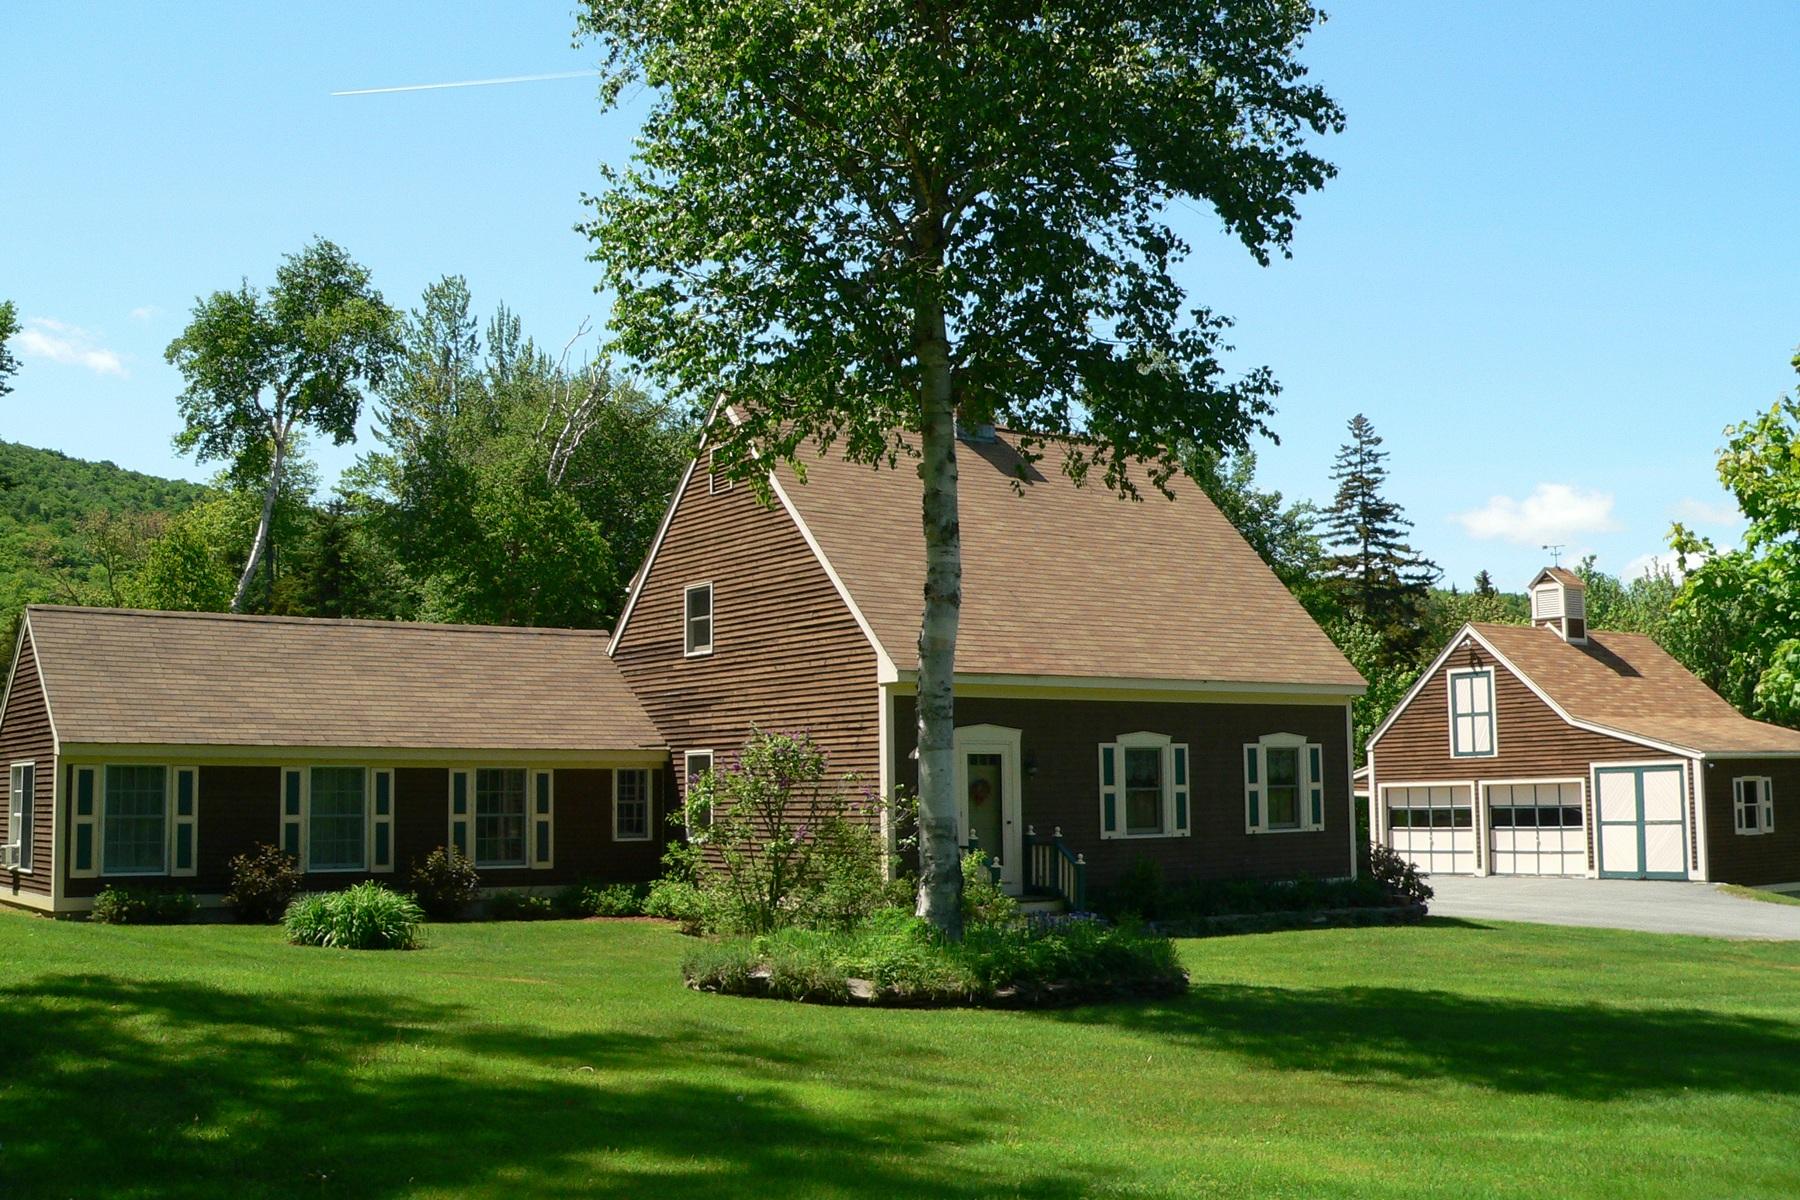 Частный односемейный дом для того Продажа на Classic Cape Cod with Yankee Barn Master Suite 2401 North Hill Rd Andover, Вермонт, 05143 Соединенные Штаты